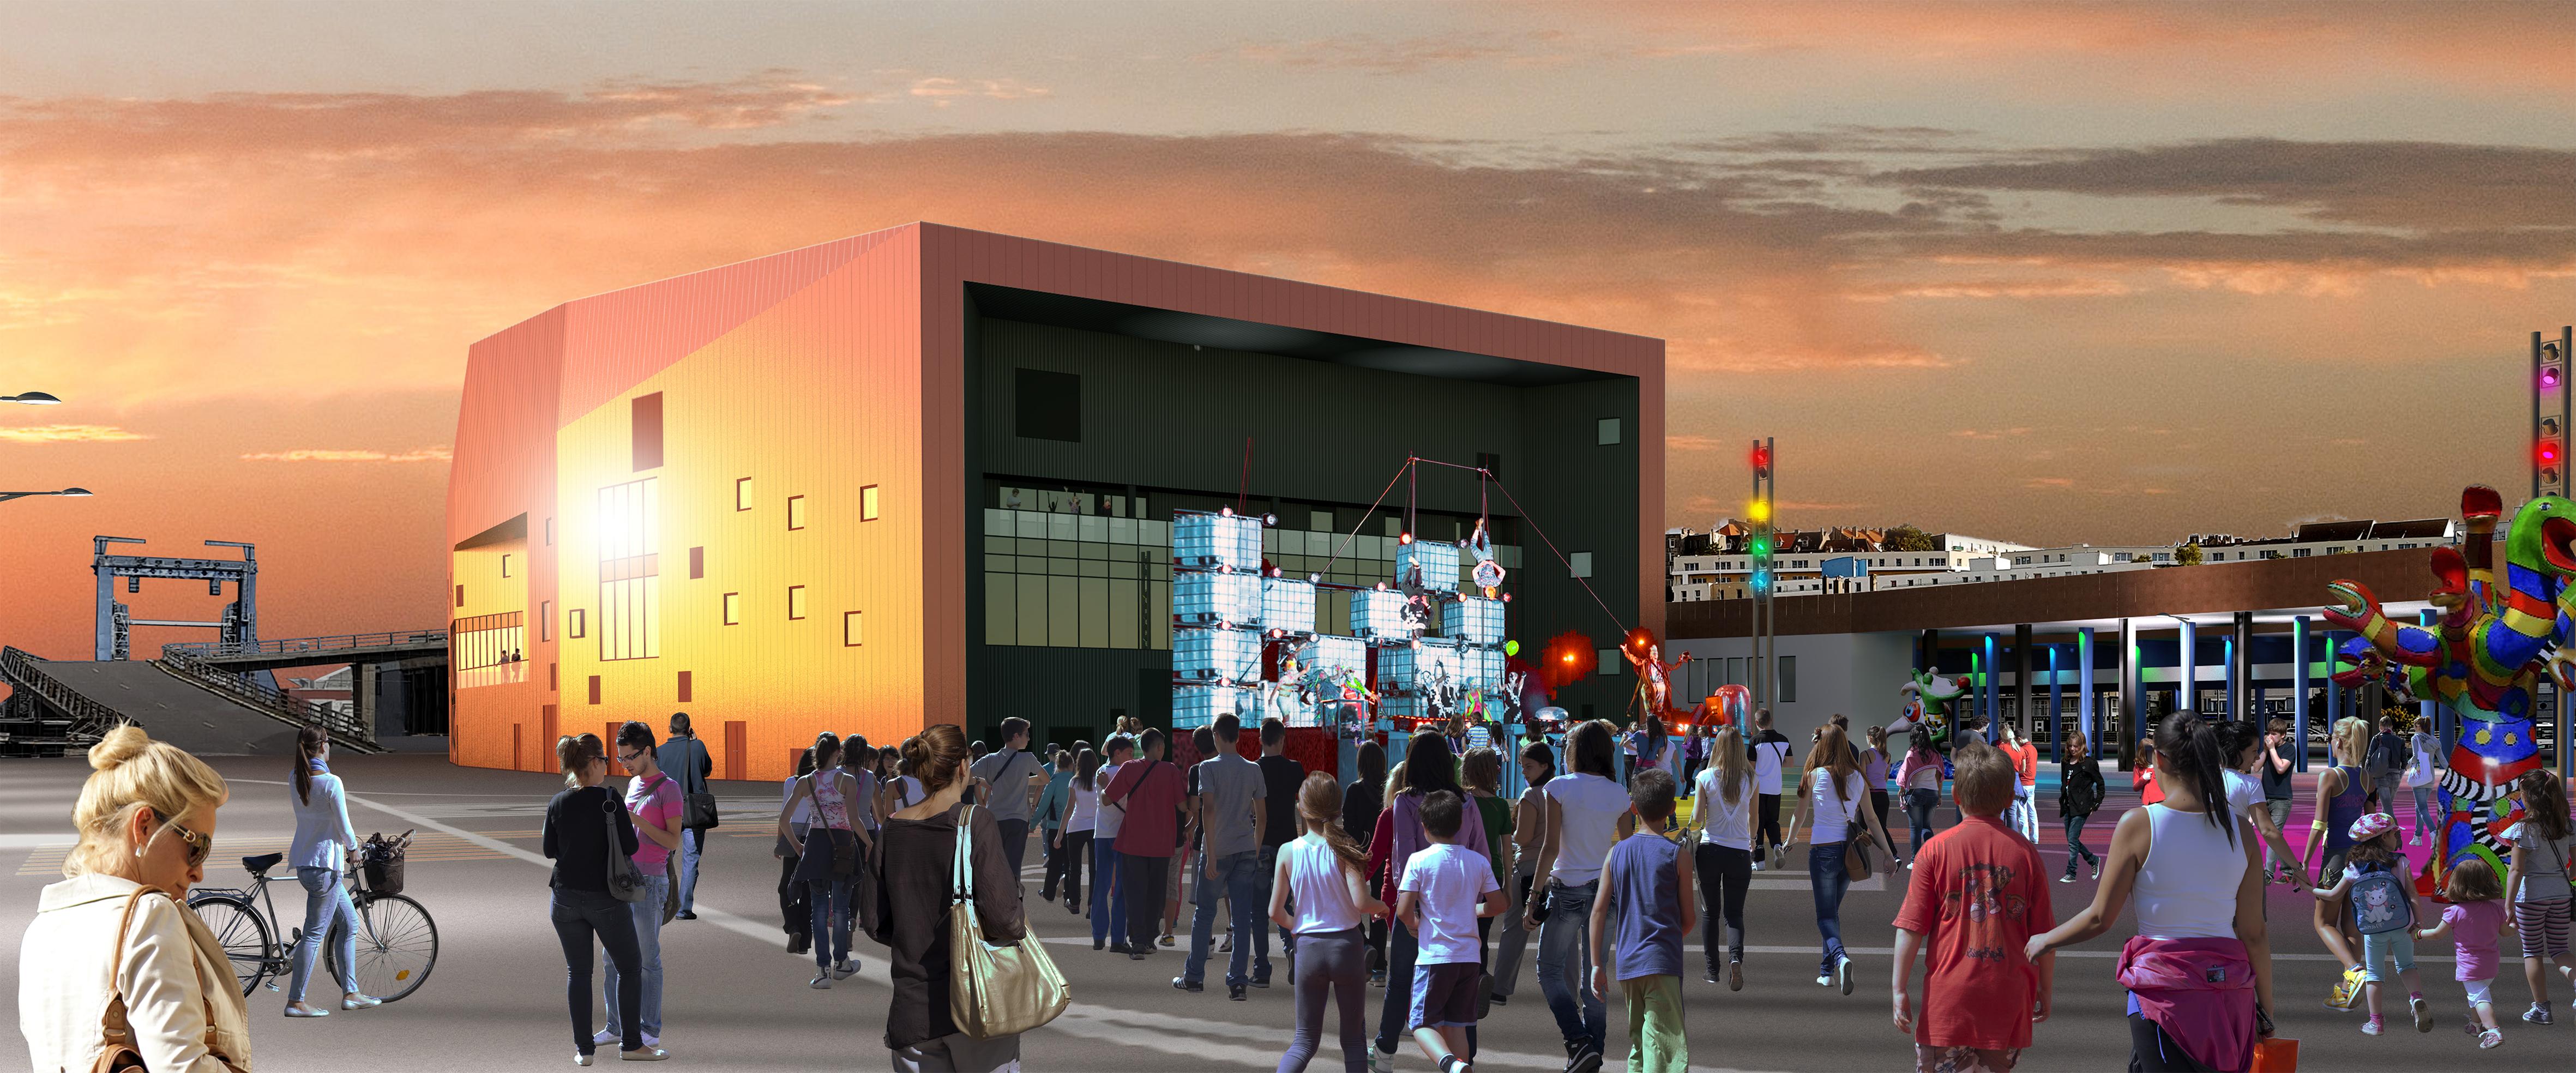 Architecte D Intérieur Boulogne Sur Mer boulogne/mer - le chantier de la future salle de spectacle a